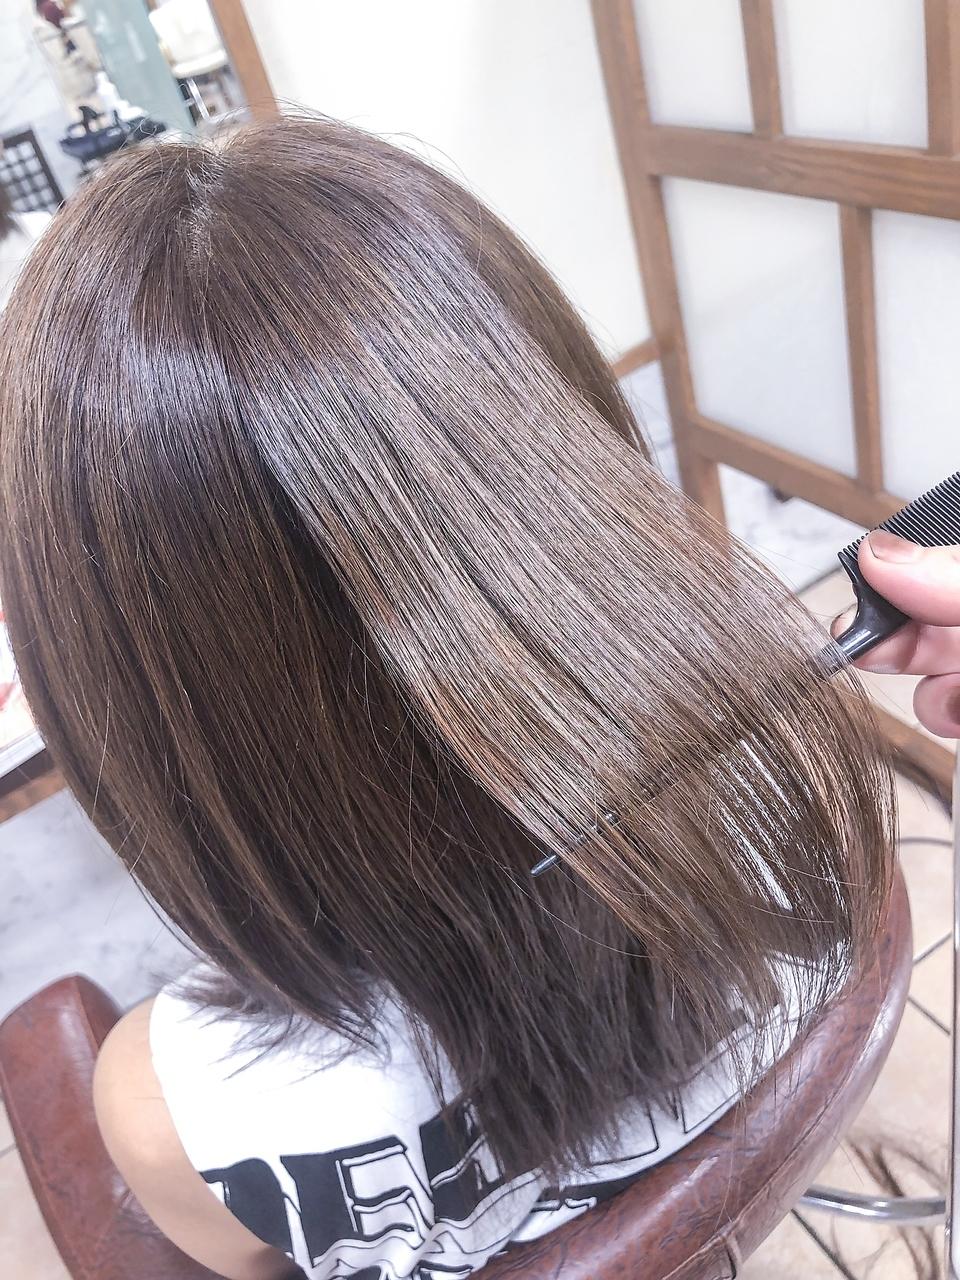 ブリーチで傷んだ髪にも施術可能な縮毛矯正!最高峰の髪質改善をご体感ください。